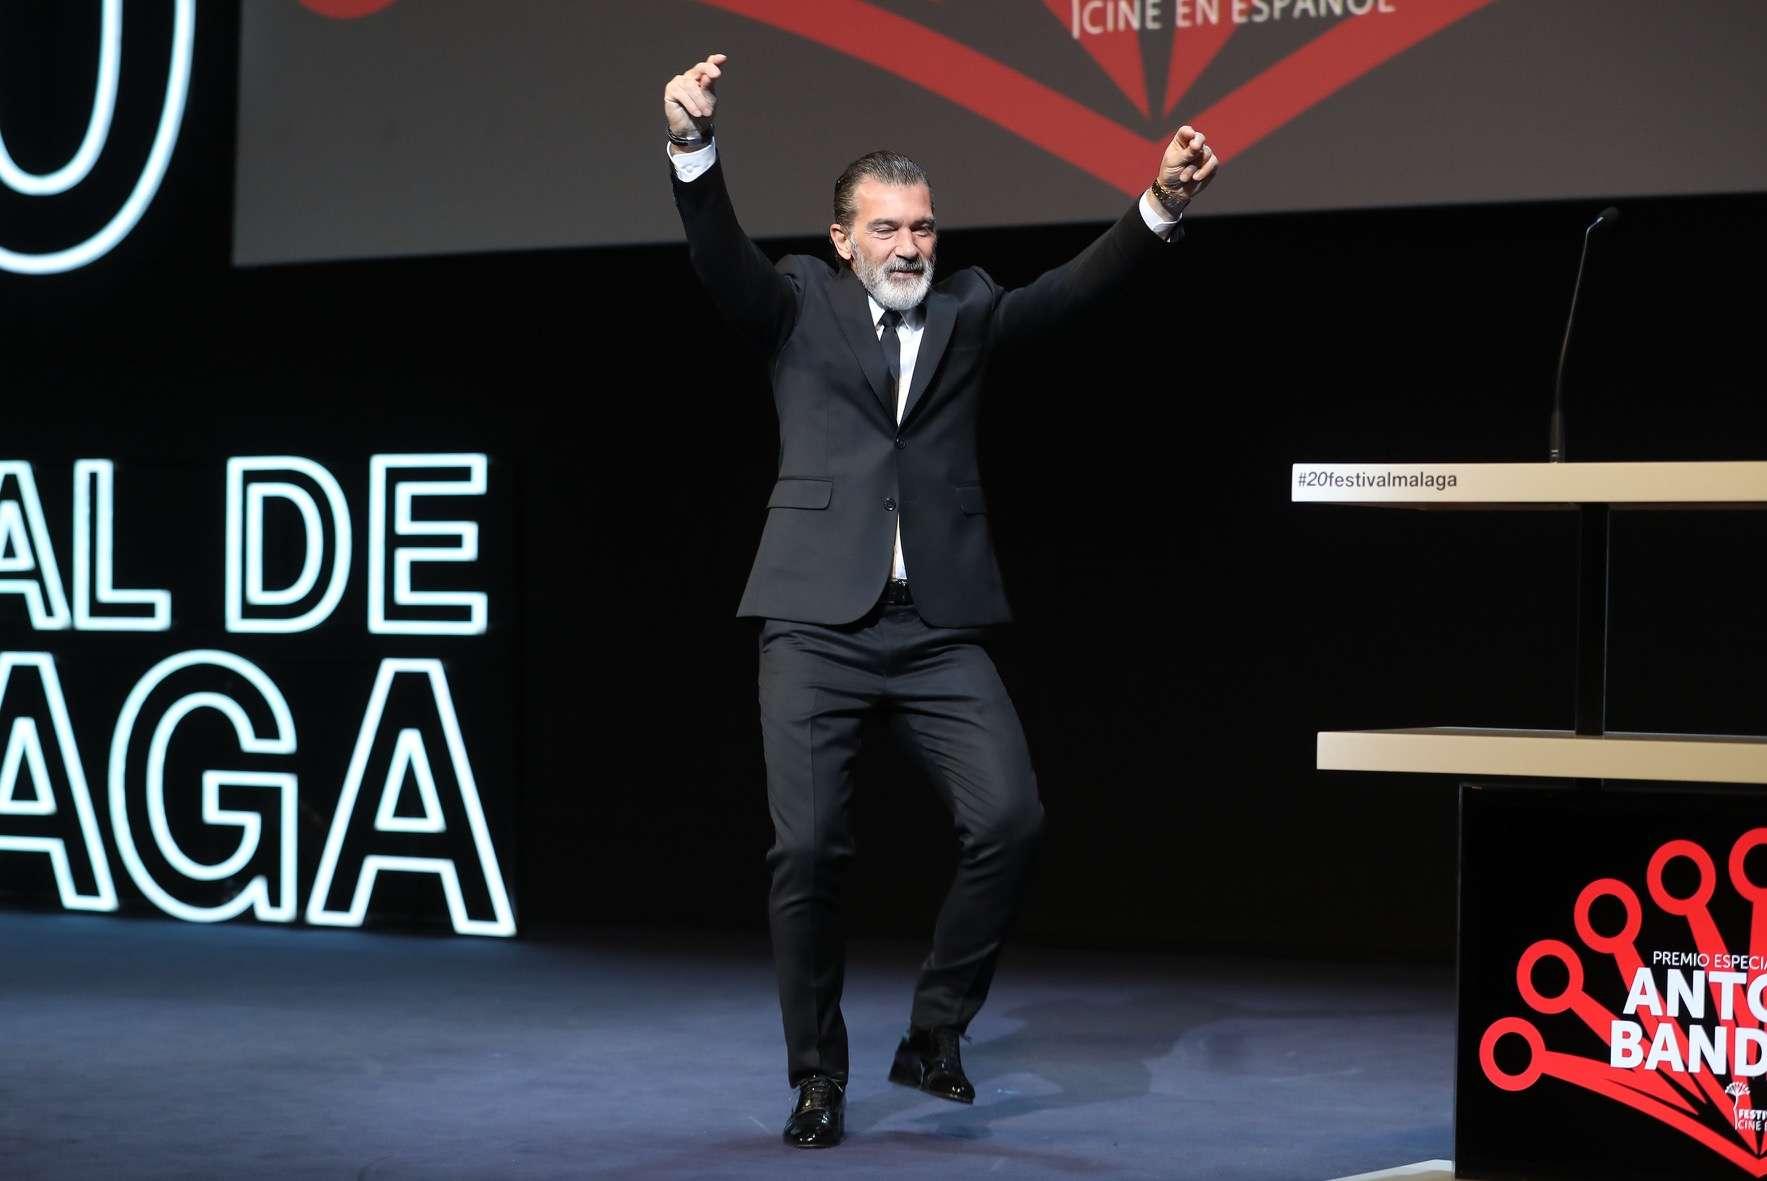 //Andalucia// 25-3-2017 MalagaEl actor Malagueño Antonio Banderas ha recibido en el Festival de MalagaCine en Español la Biznaga de ORO honorifica